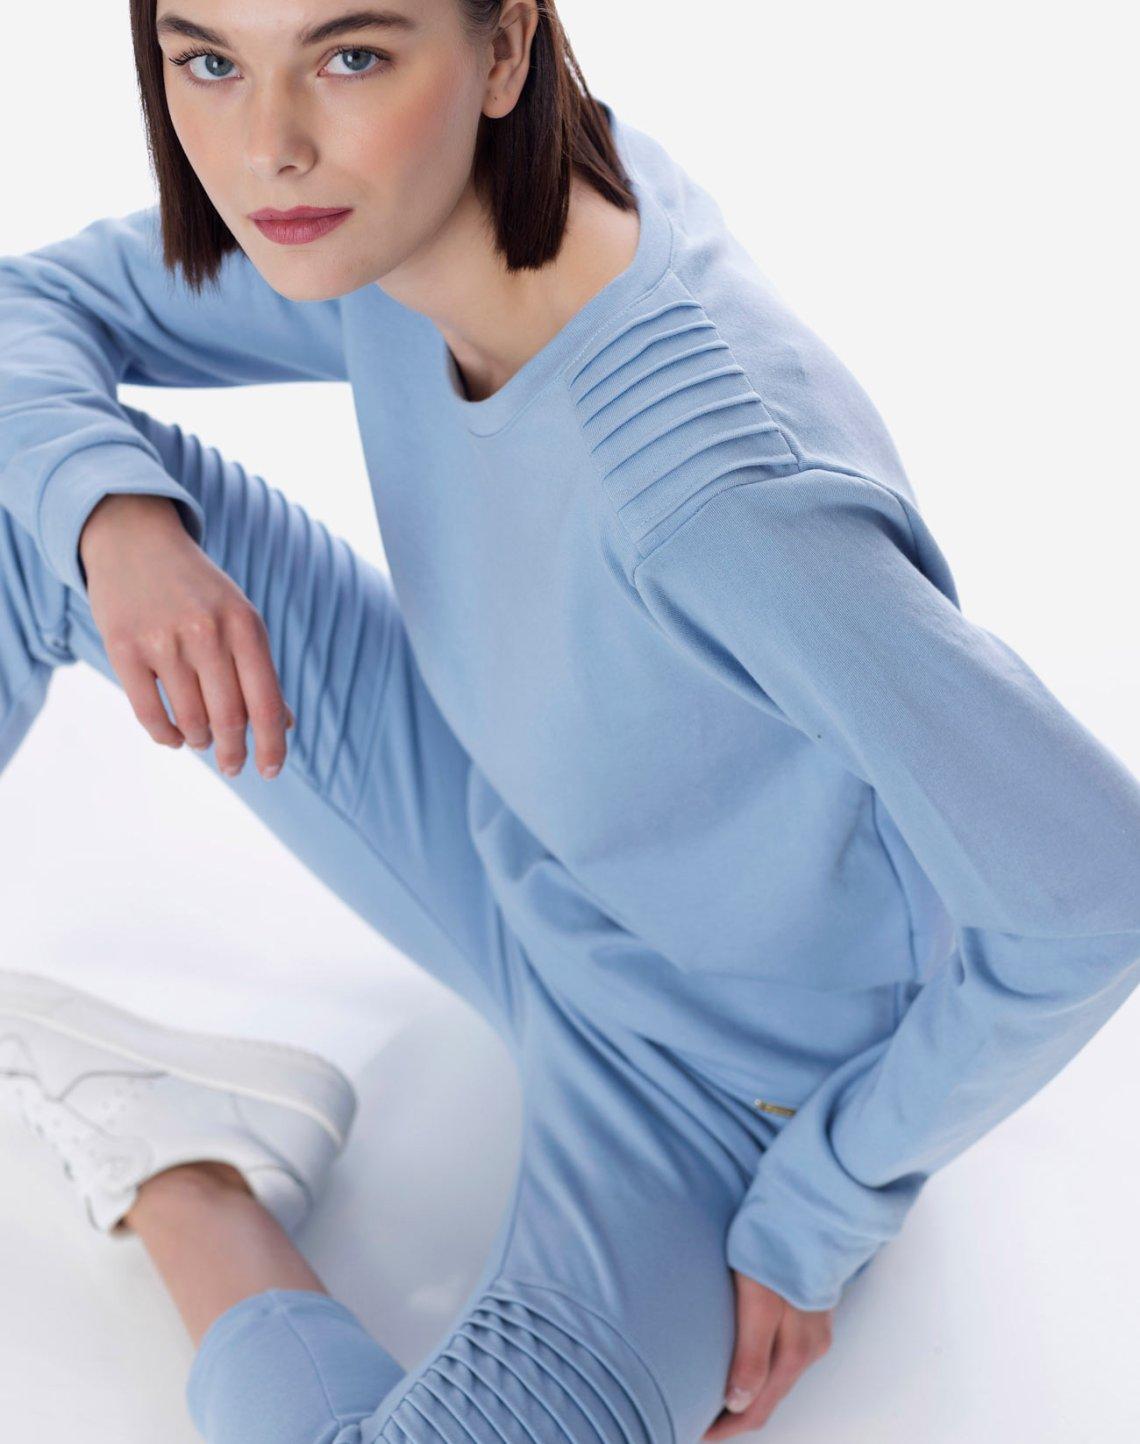 Sweatshirt with textured detail